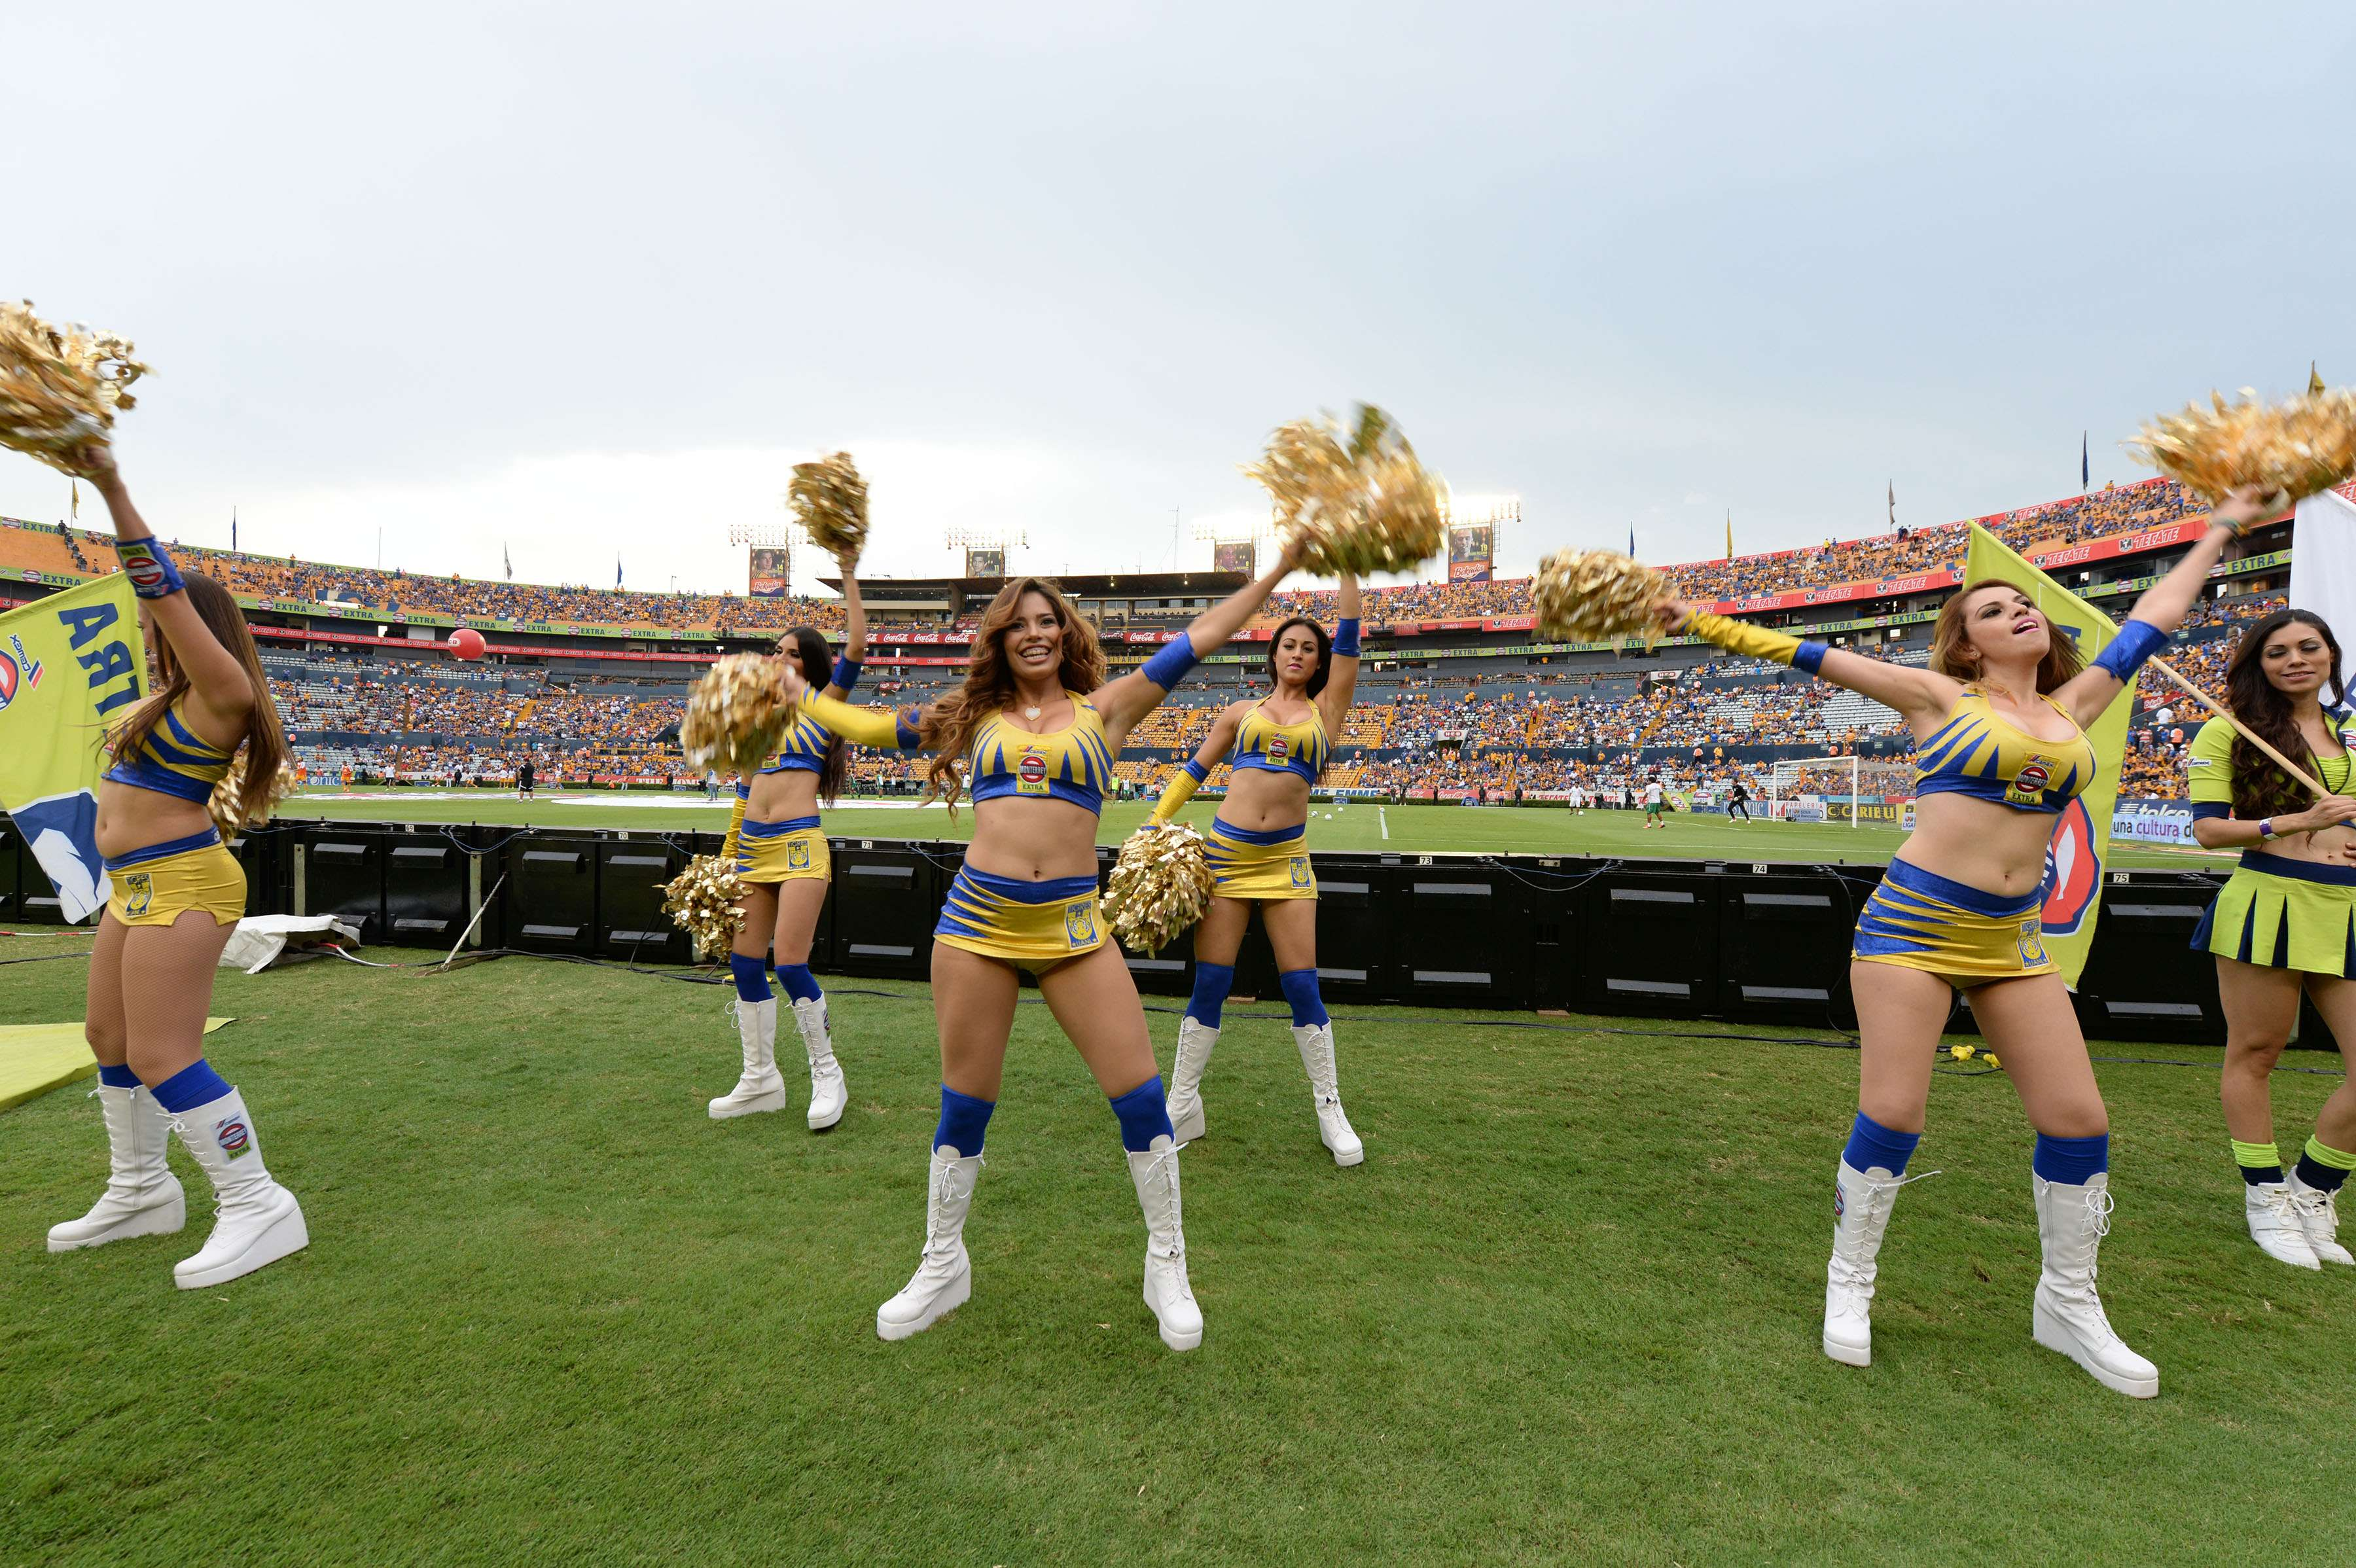 Las bellas porristas de Tigres muestran la pasión por su equipo. Foto: Mexsport